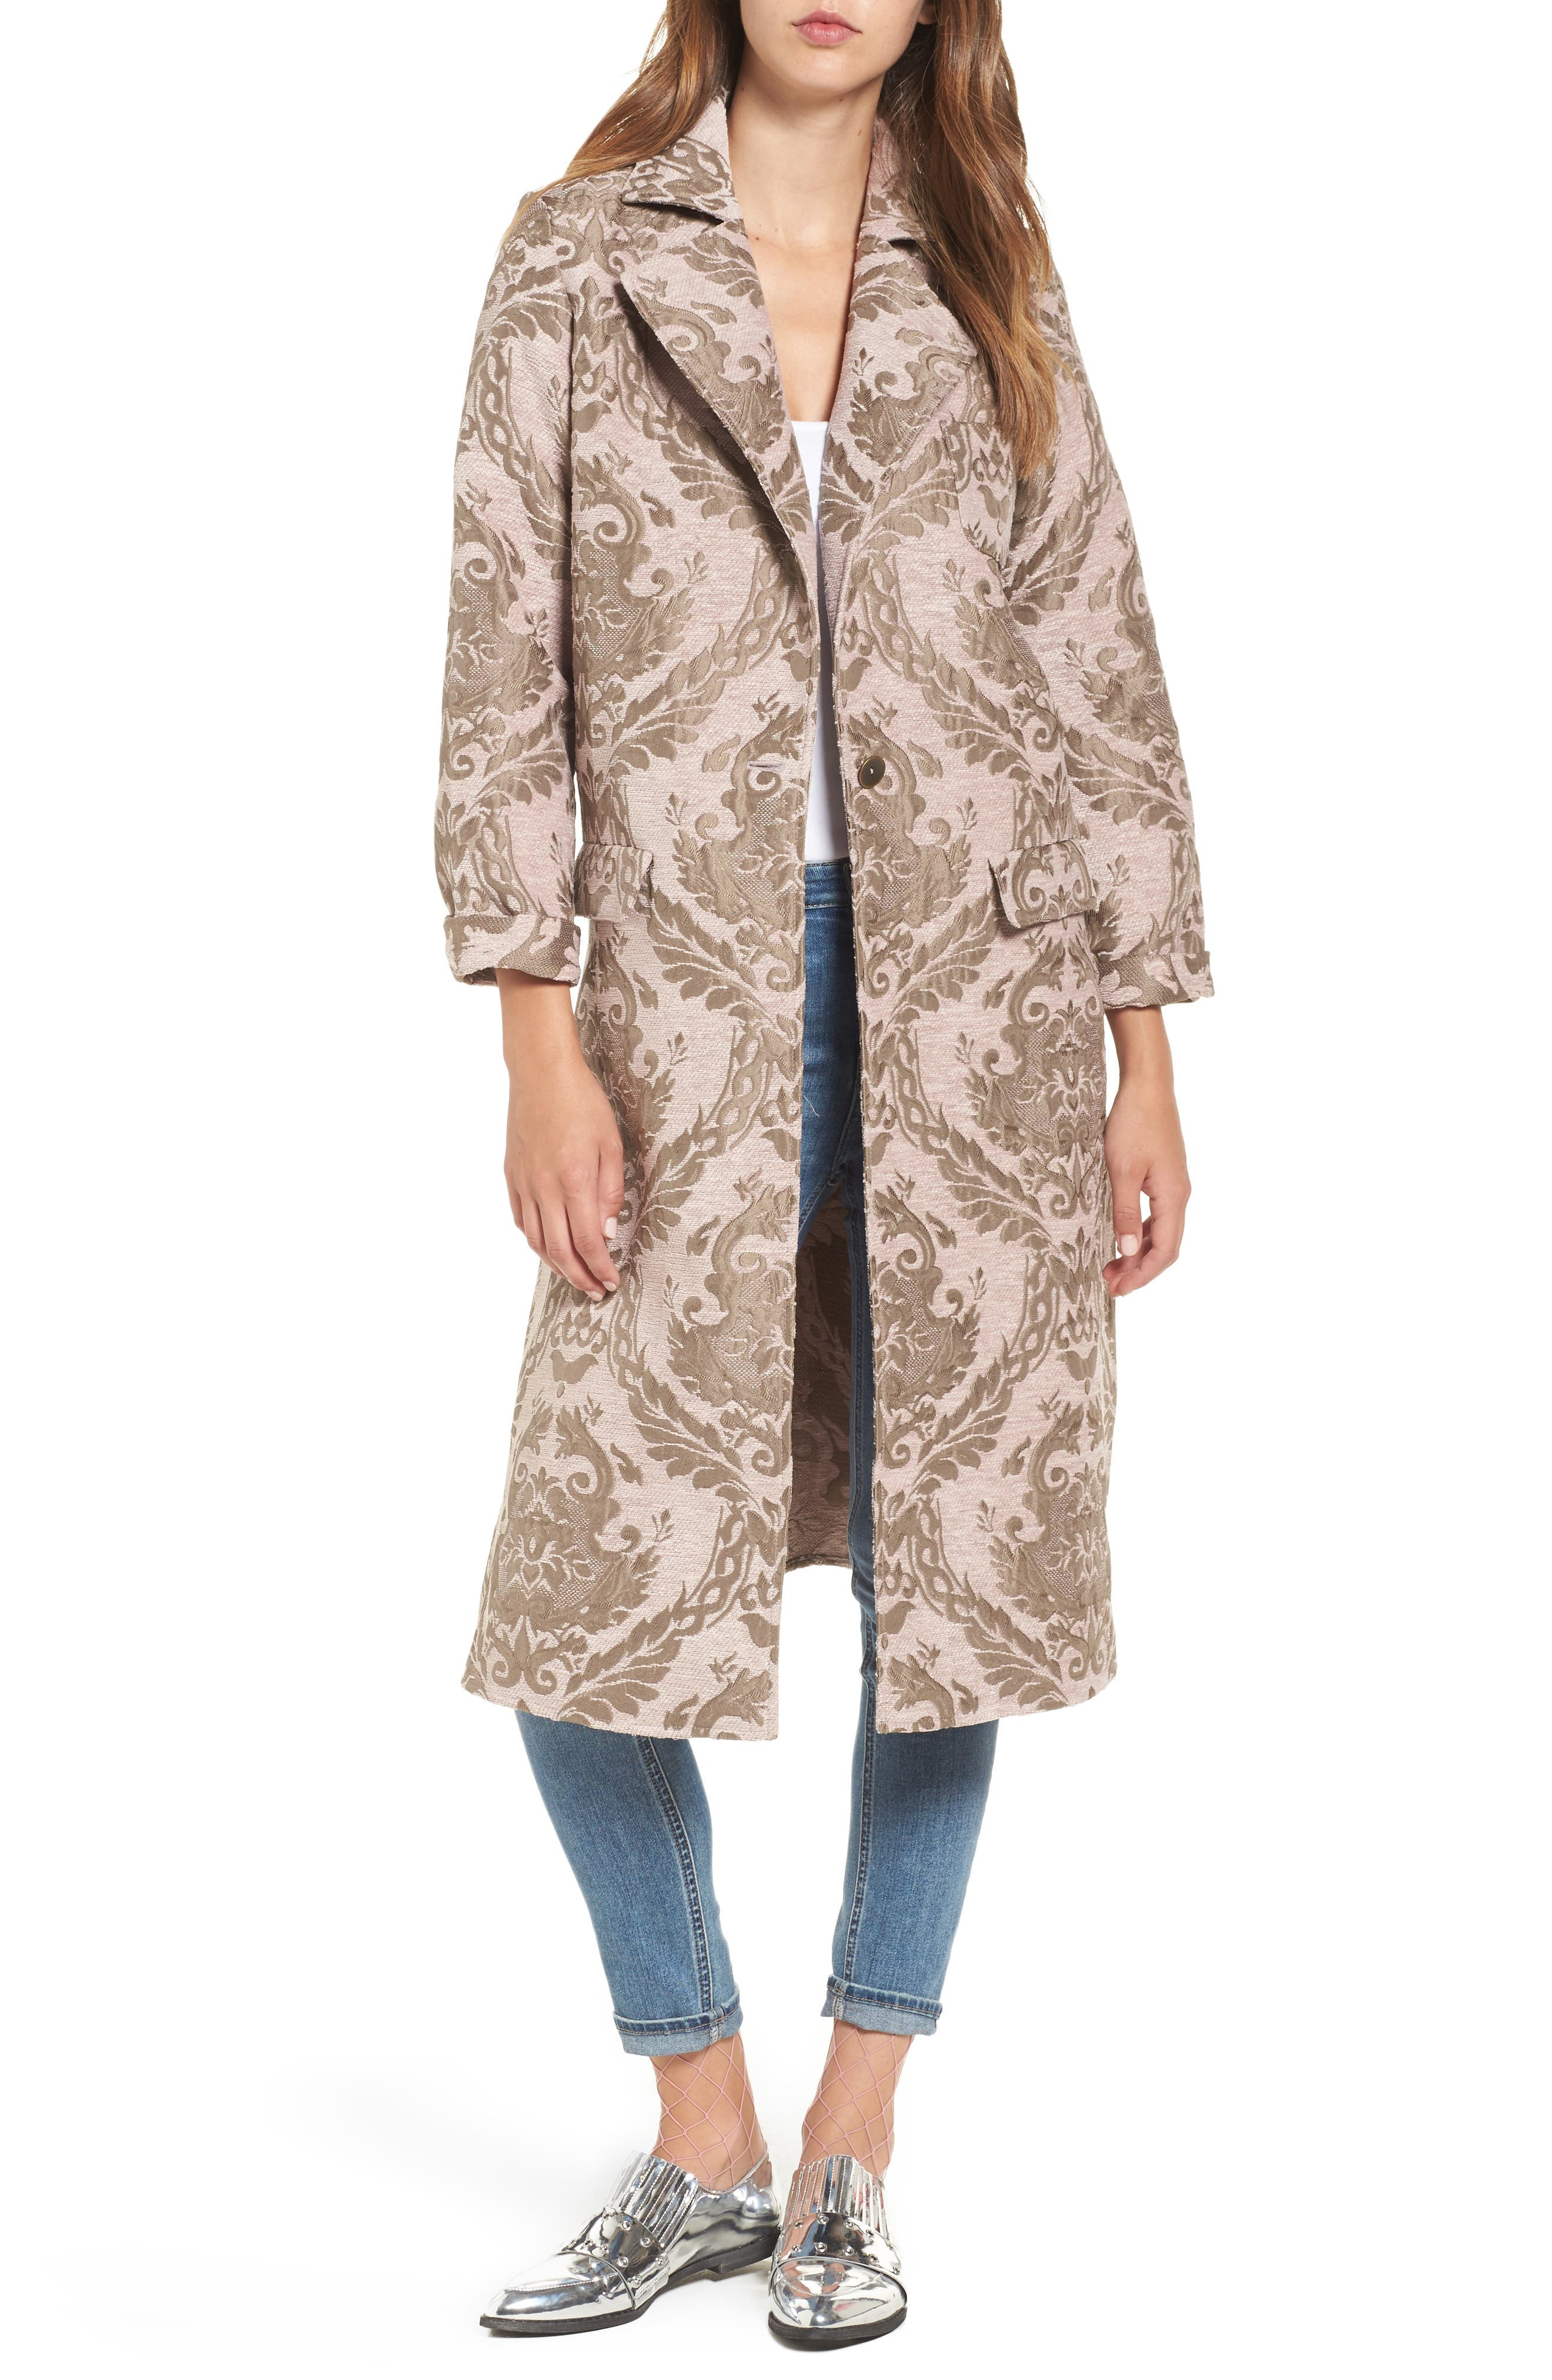 Main Image - Leith Longline Jacquard Jacket